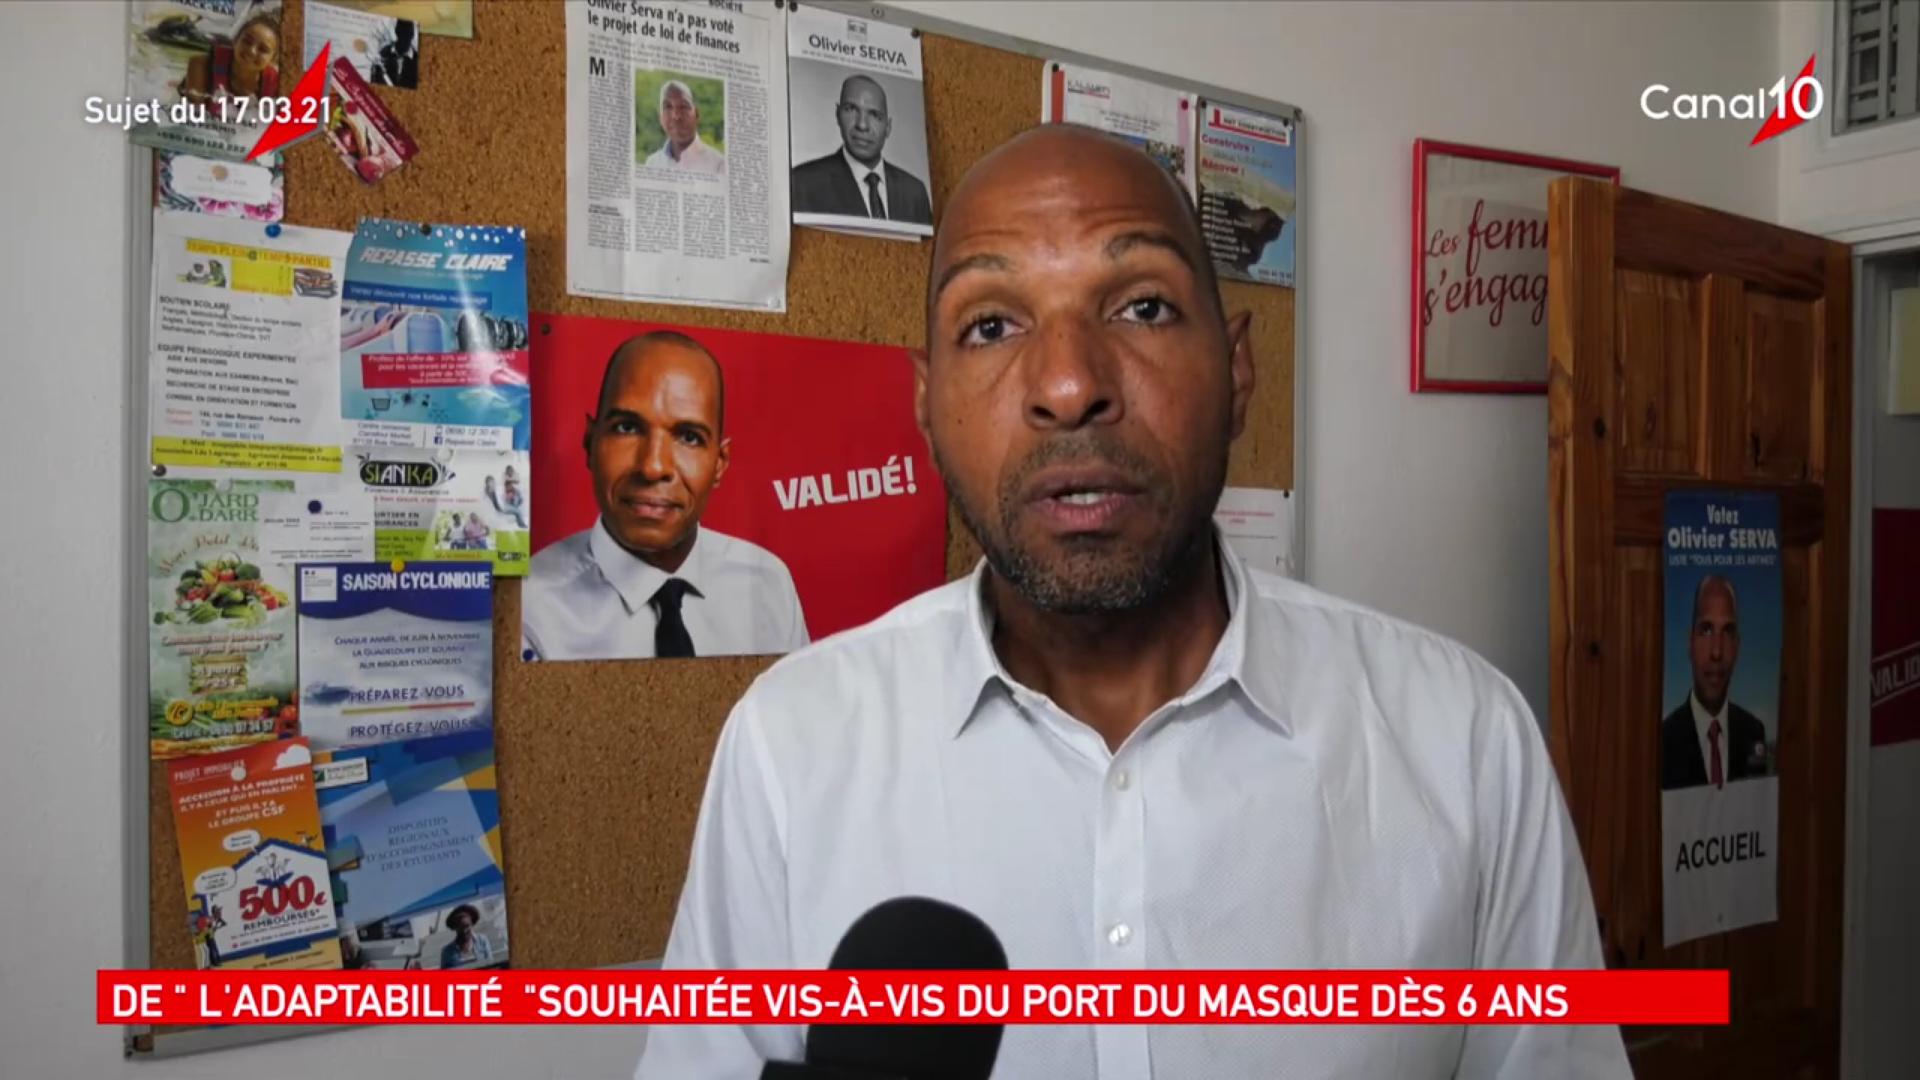 [Vidéo] Onews Guadeloupe. Le Député SERVA donne son avis sur le port du masque pour les élèves de 6 ans